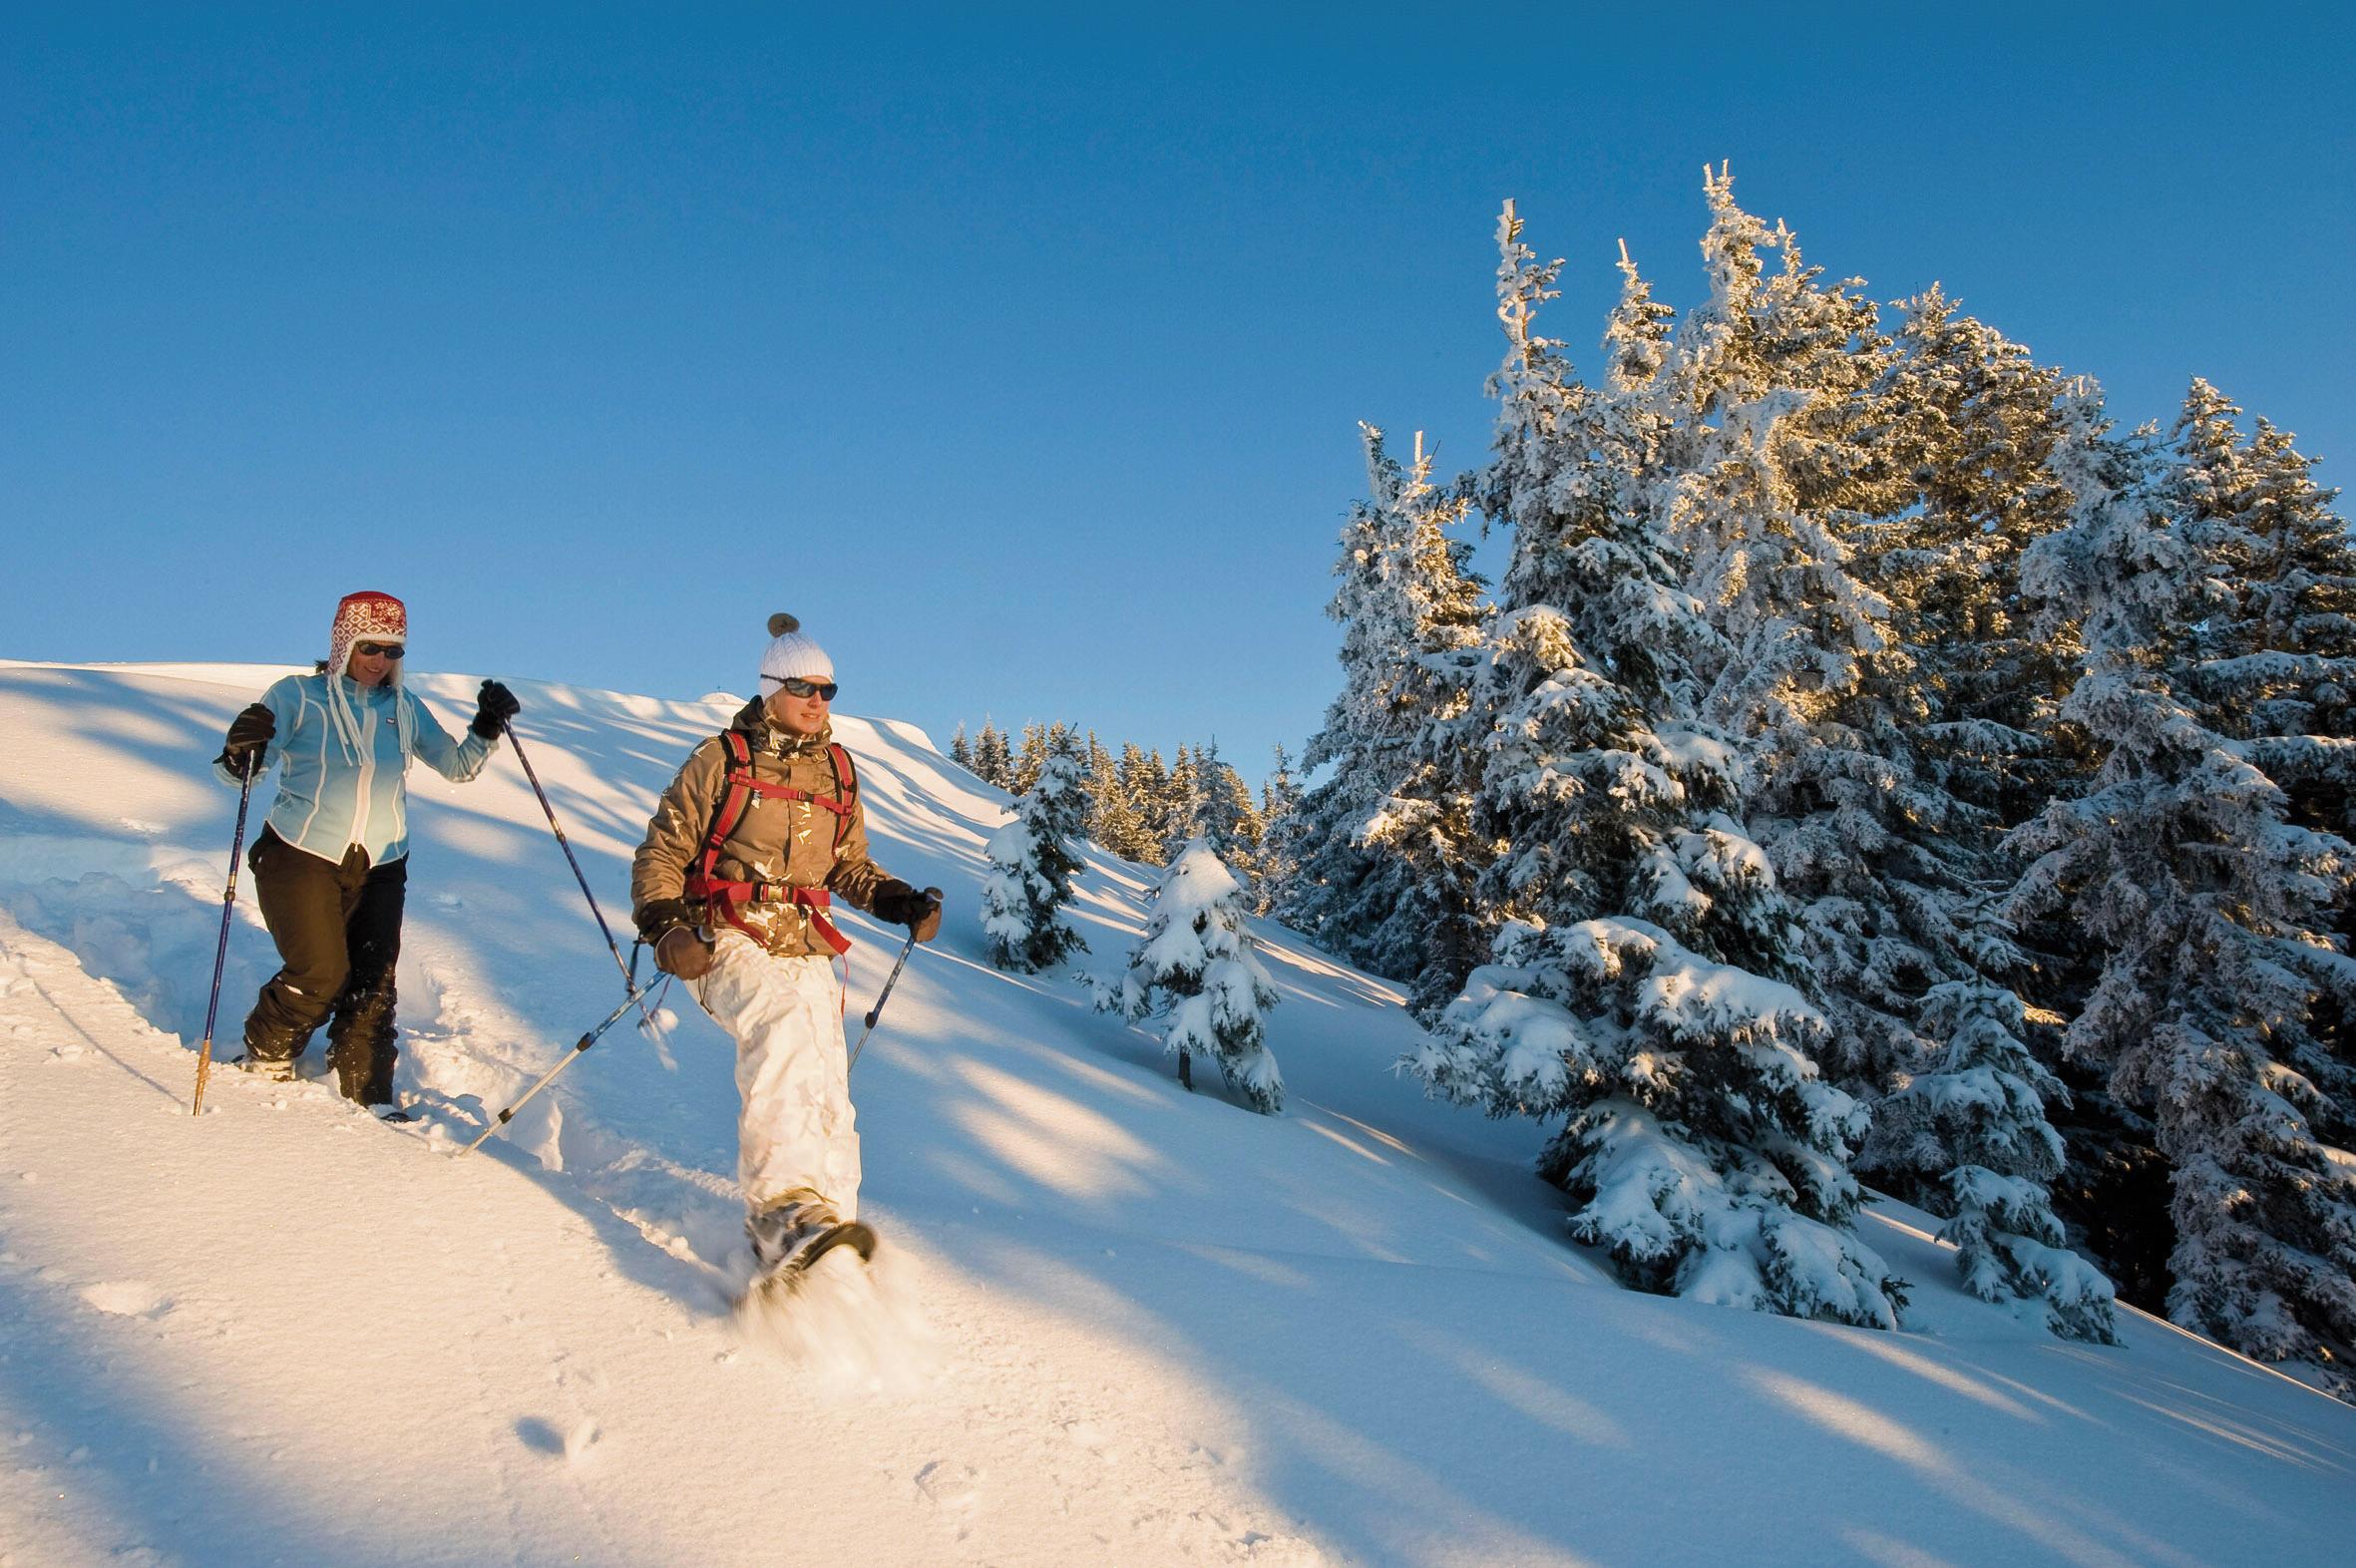 Schneeschuhwandern im Alpbachtal Tirol